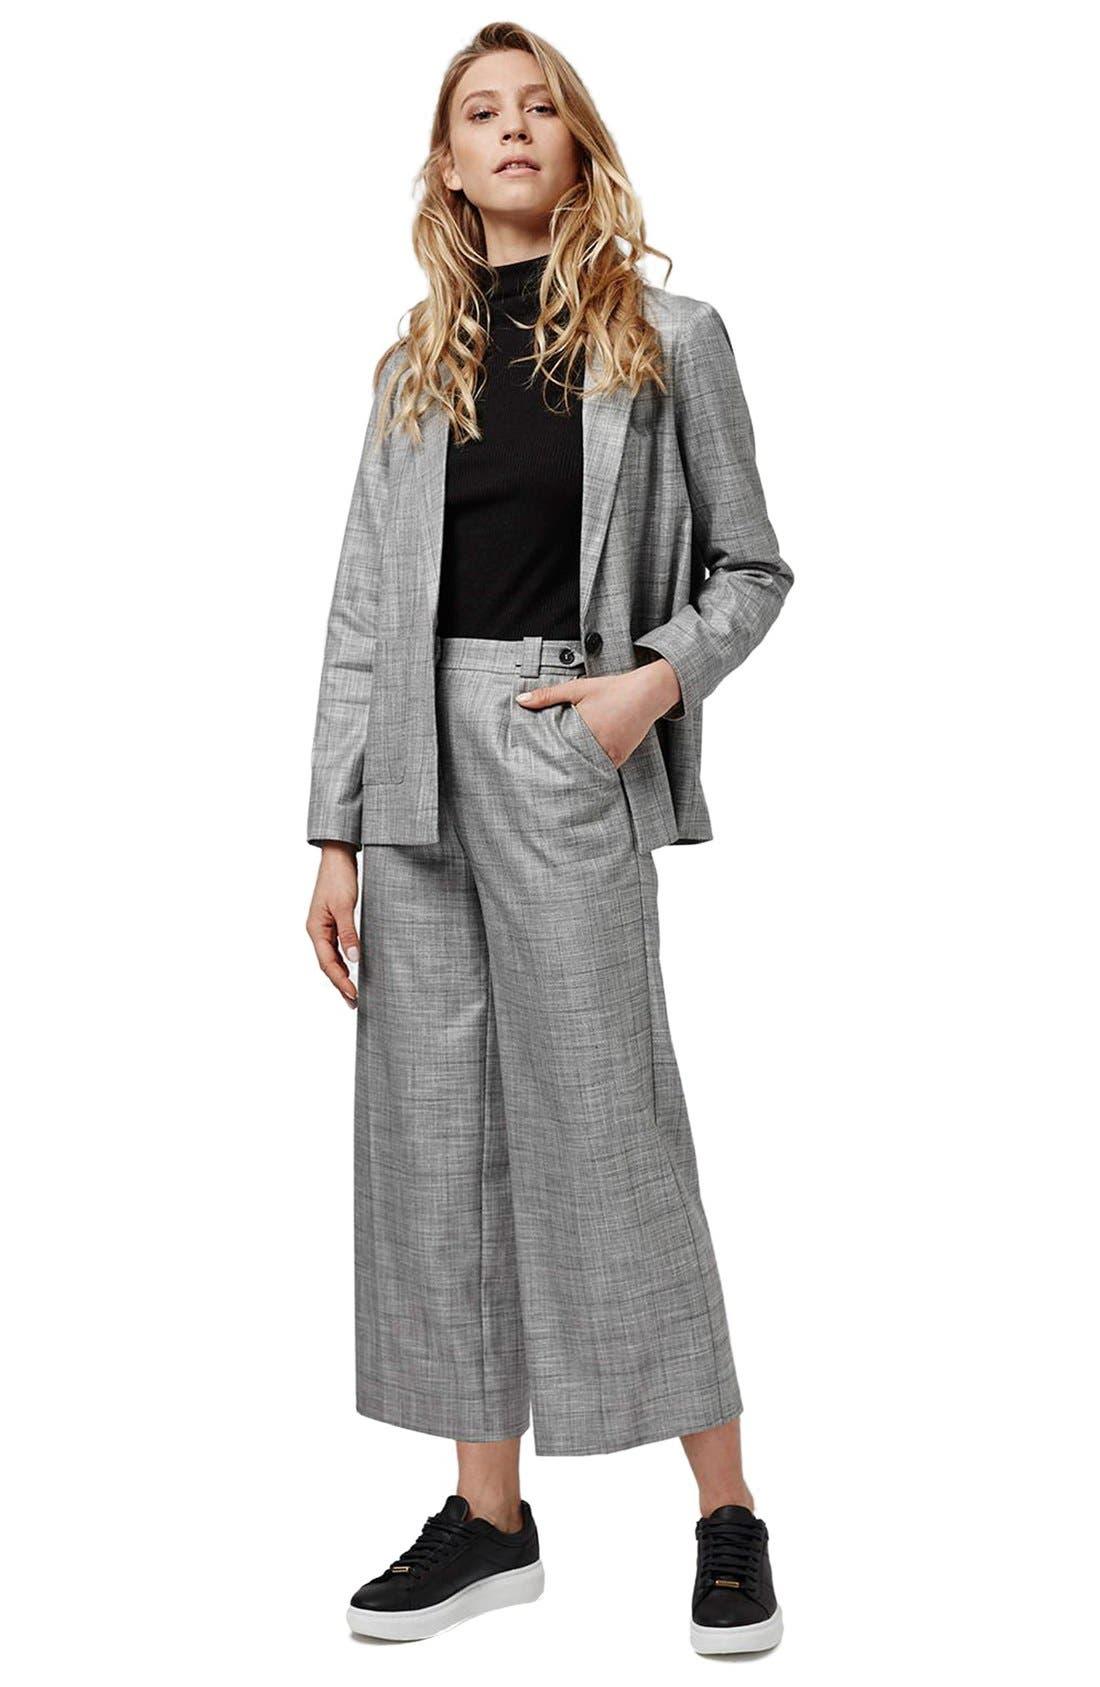 TOPSHOP,                             'Check Tonic' One-Button Suit Blazer,                             Alternate thumbnail 4, color,                             020